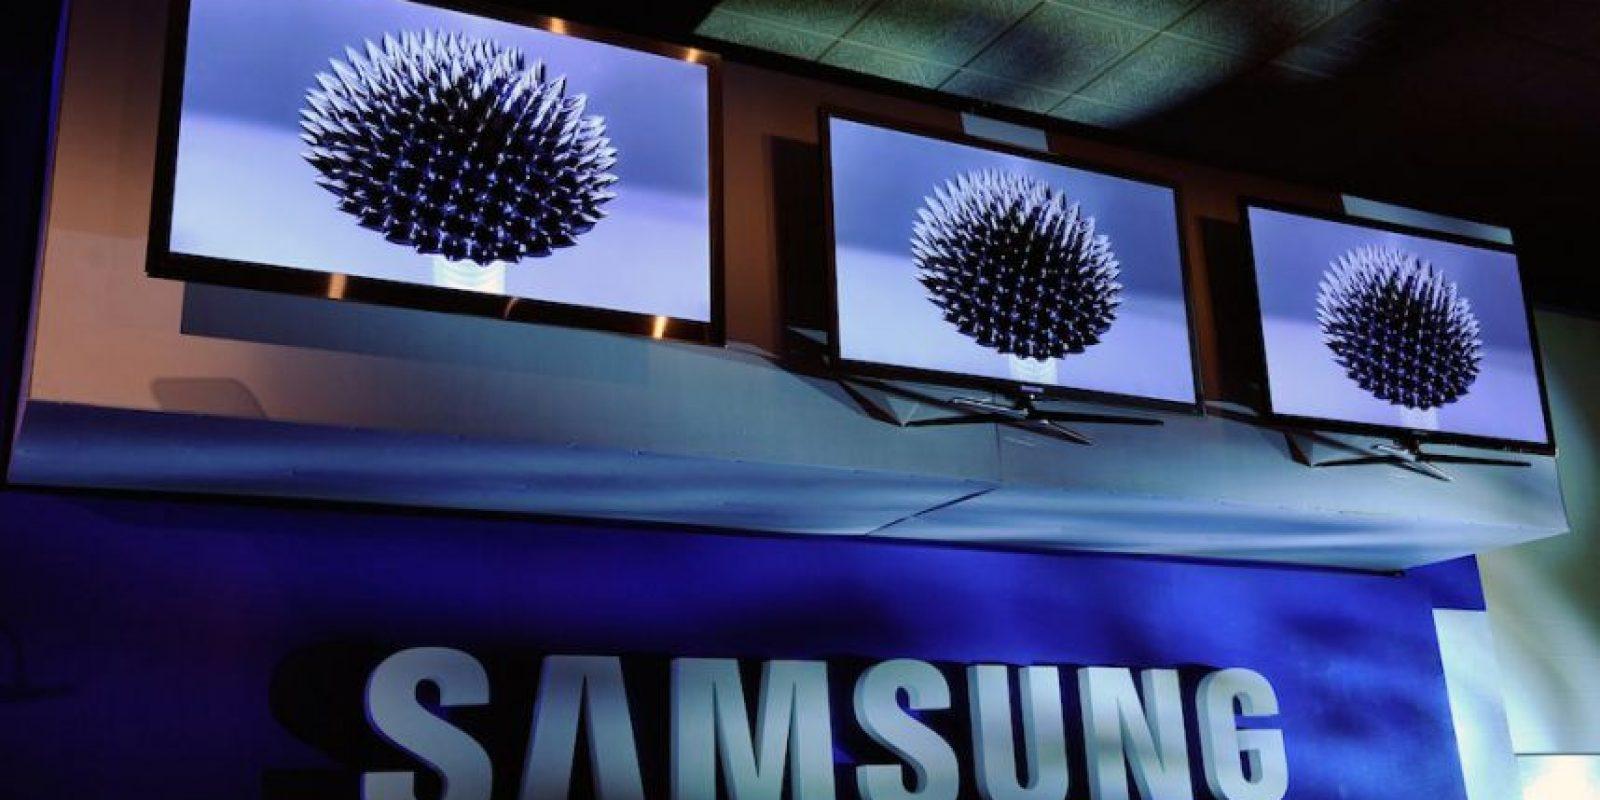 Los Smart TV's de Samsung pueden escuchar todo lo que dicen. Foto:Getty Images